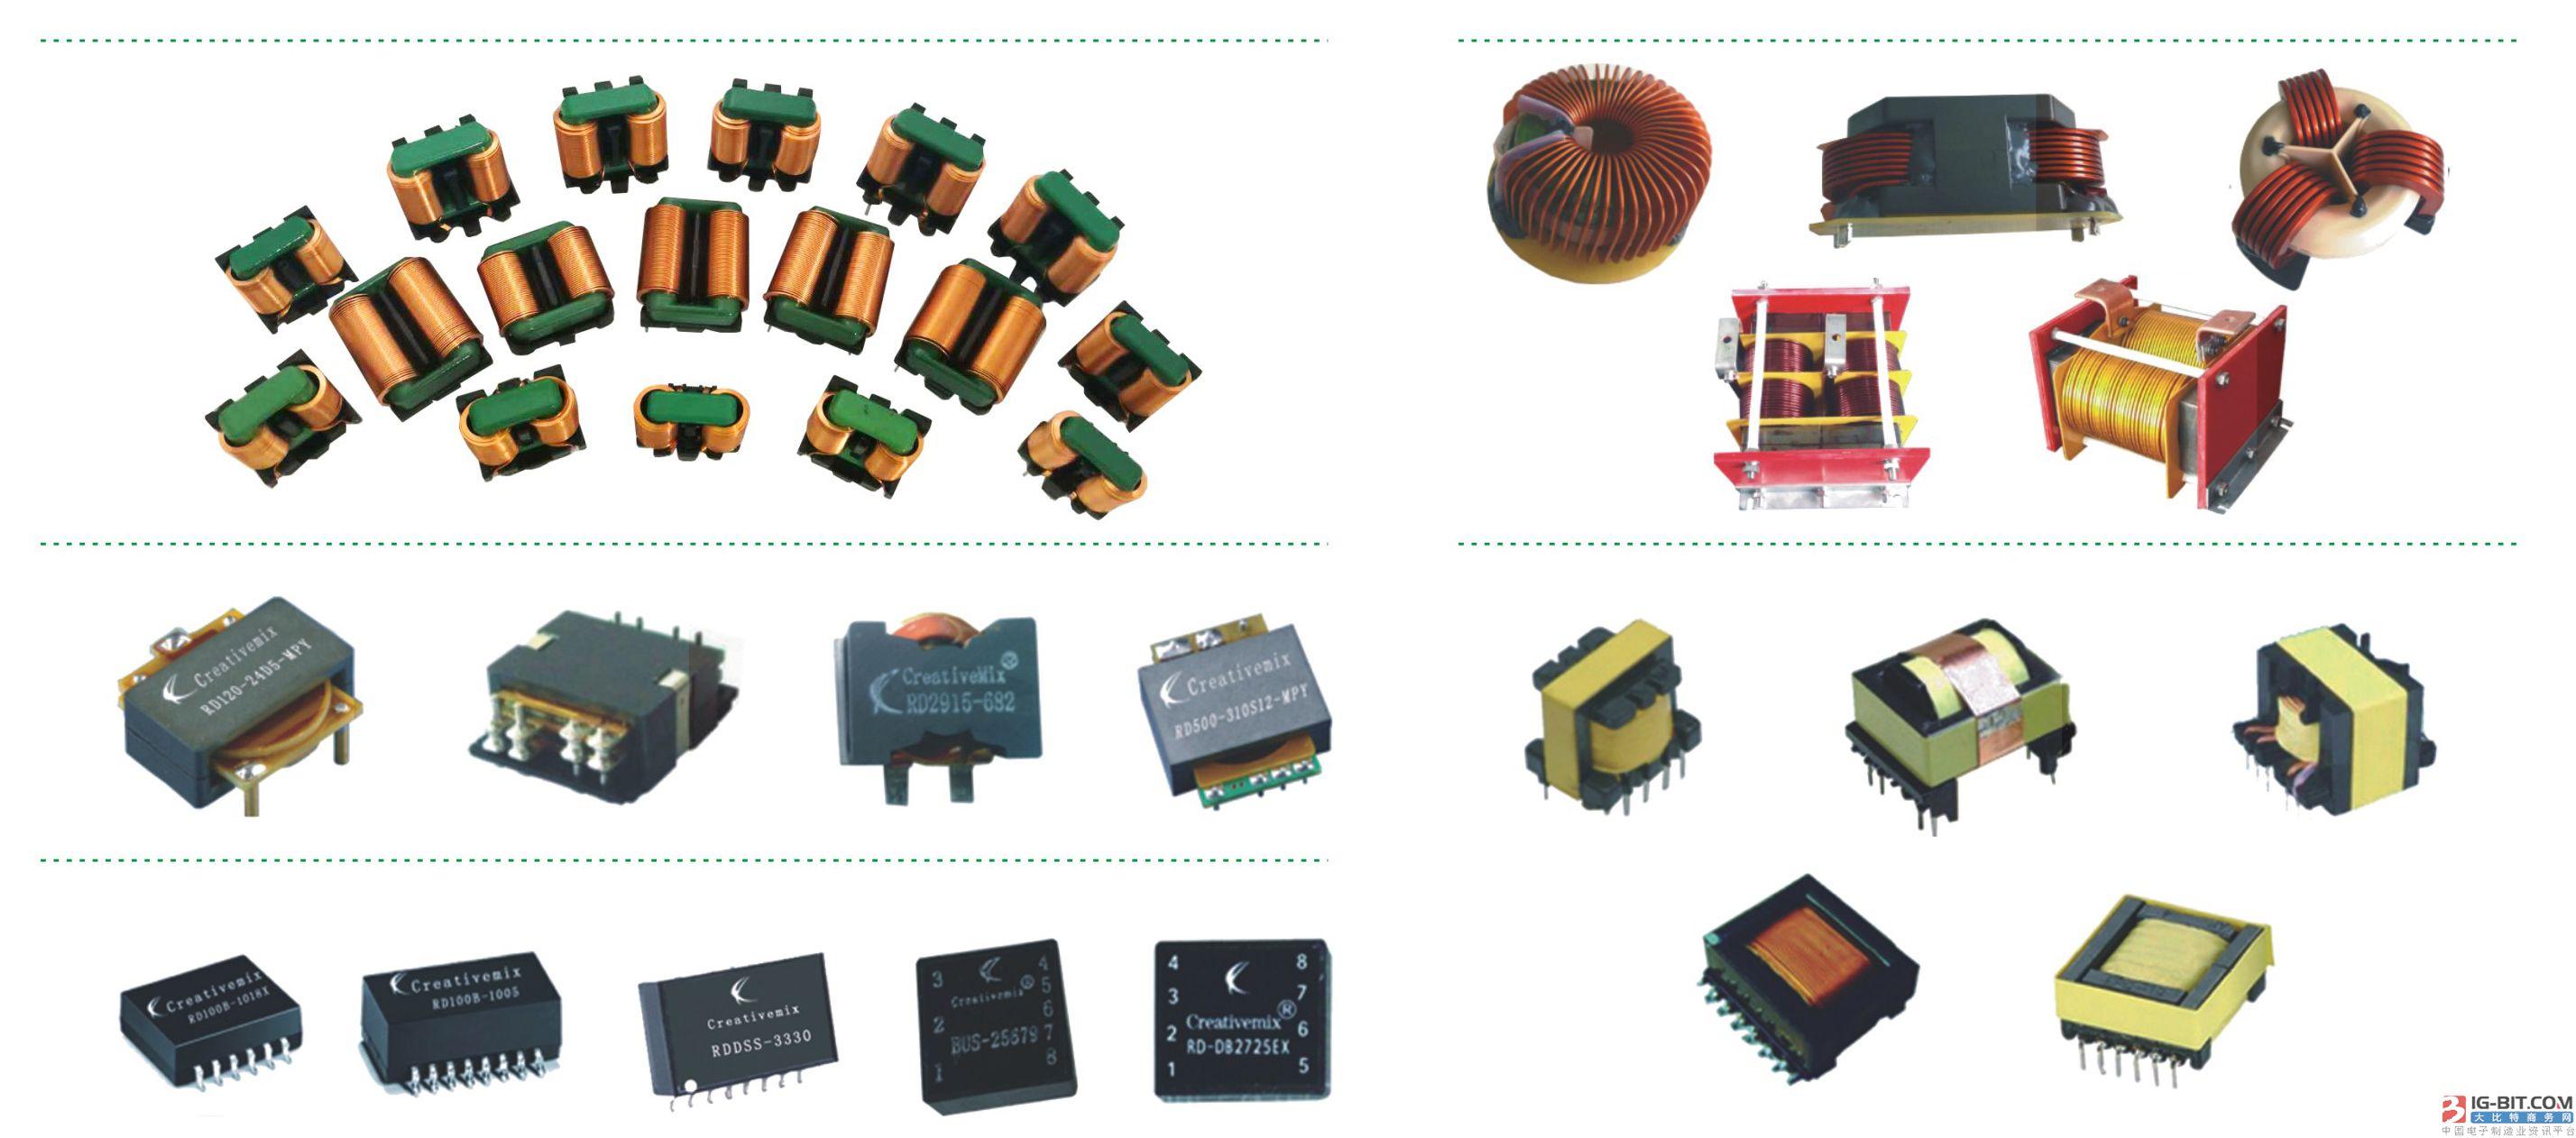 尚新融大开启代工模式  吹响磁性元件行业团结号角